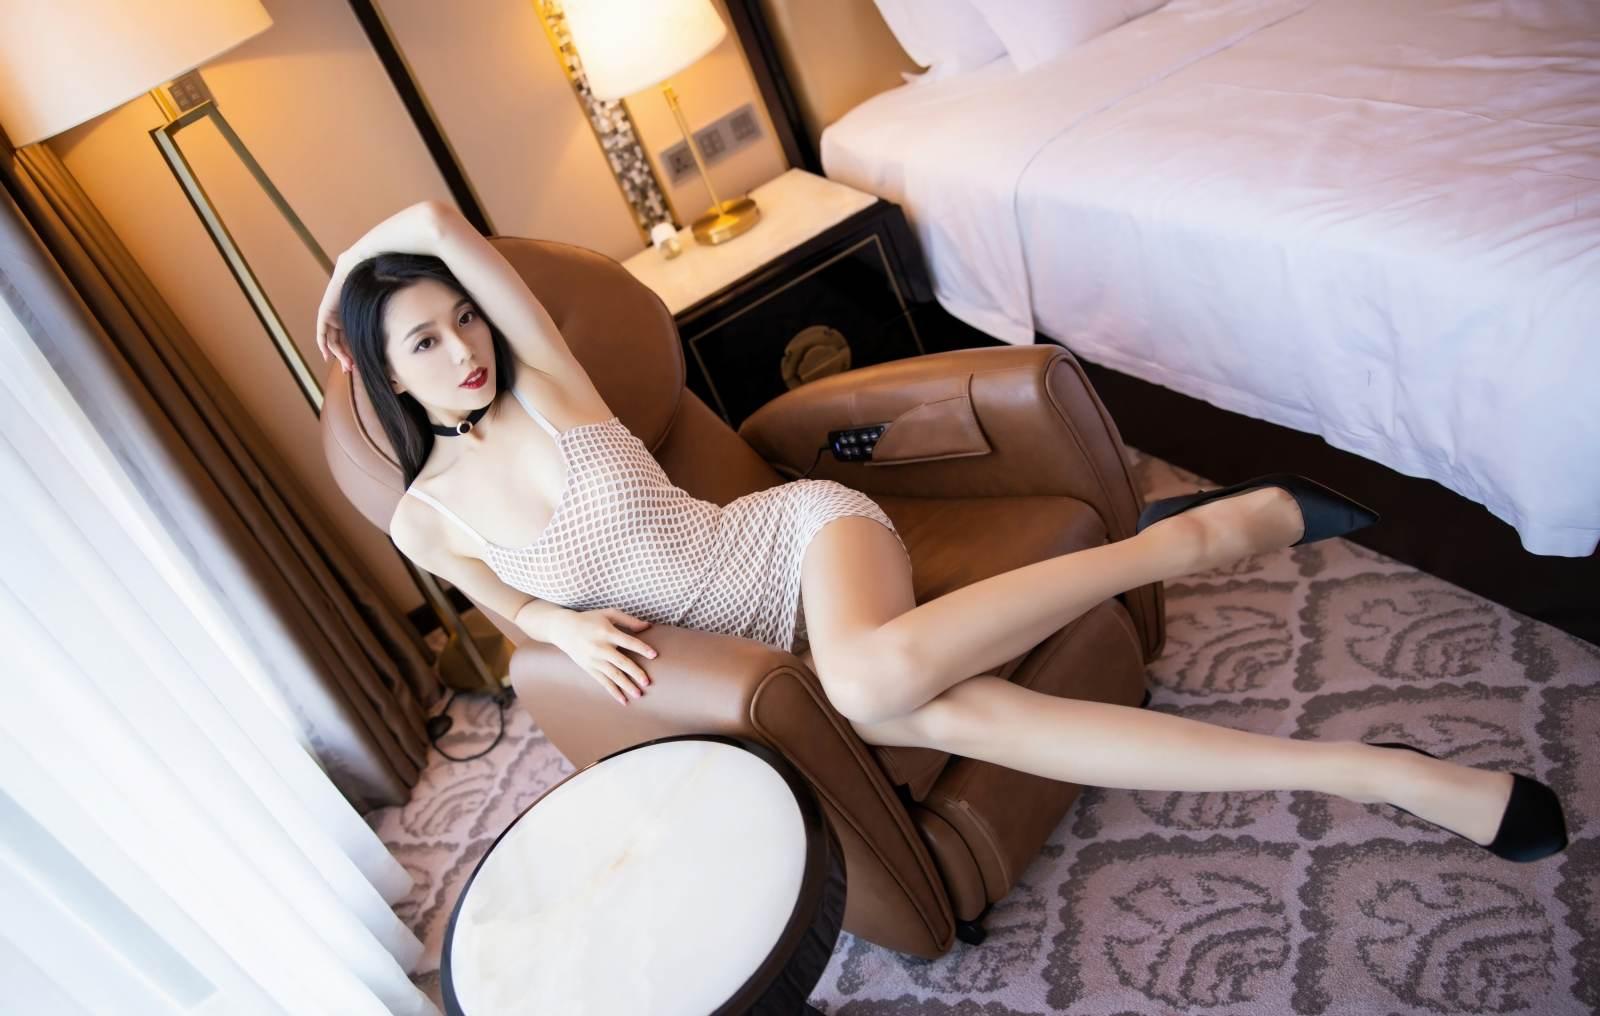 第227期婀娜多姿如柳叶言沫(高跟,连衣裙,丝袜,肉丝,大长腿)_图片1